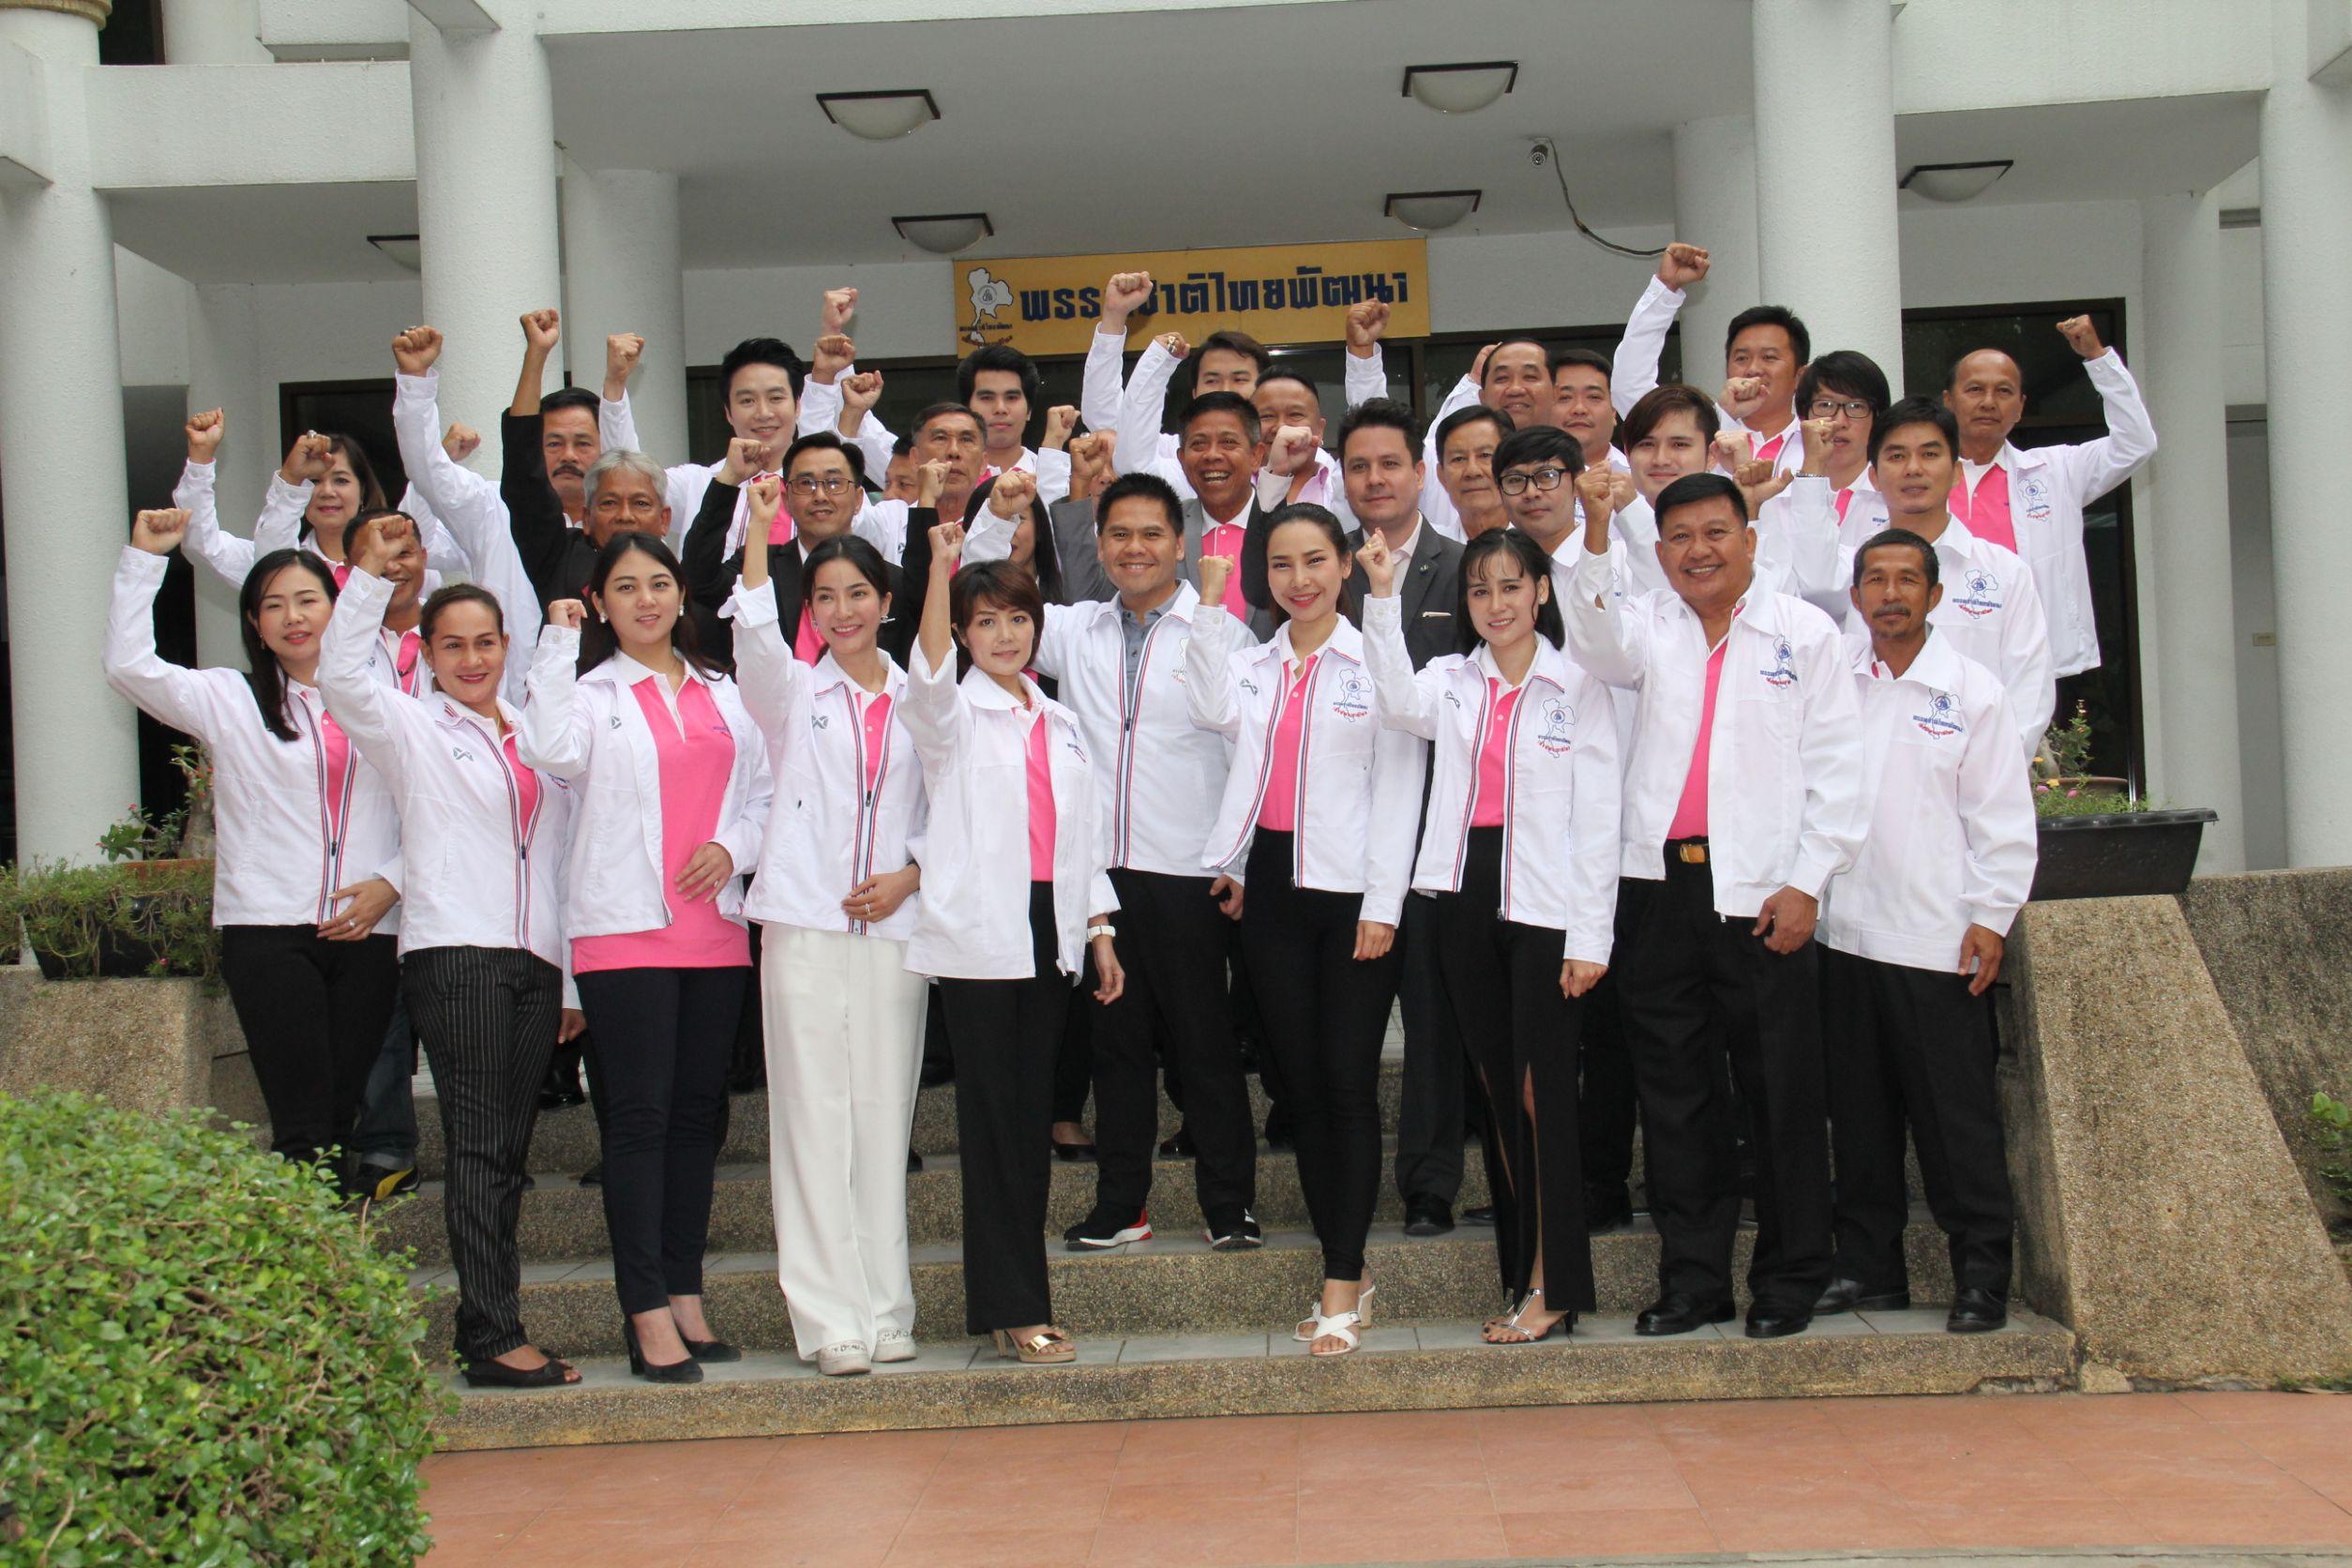 ชาติไทยพัฒนา